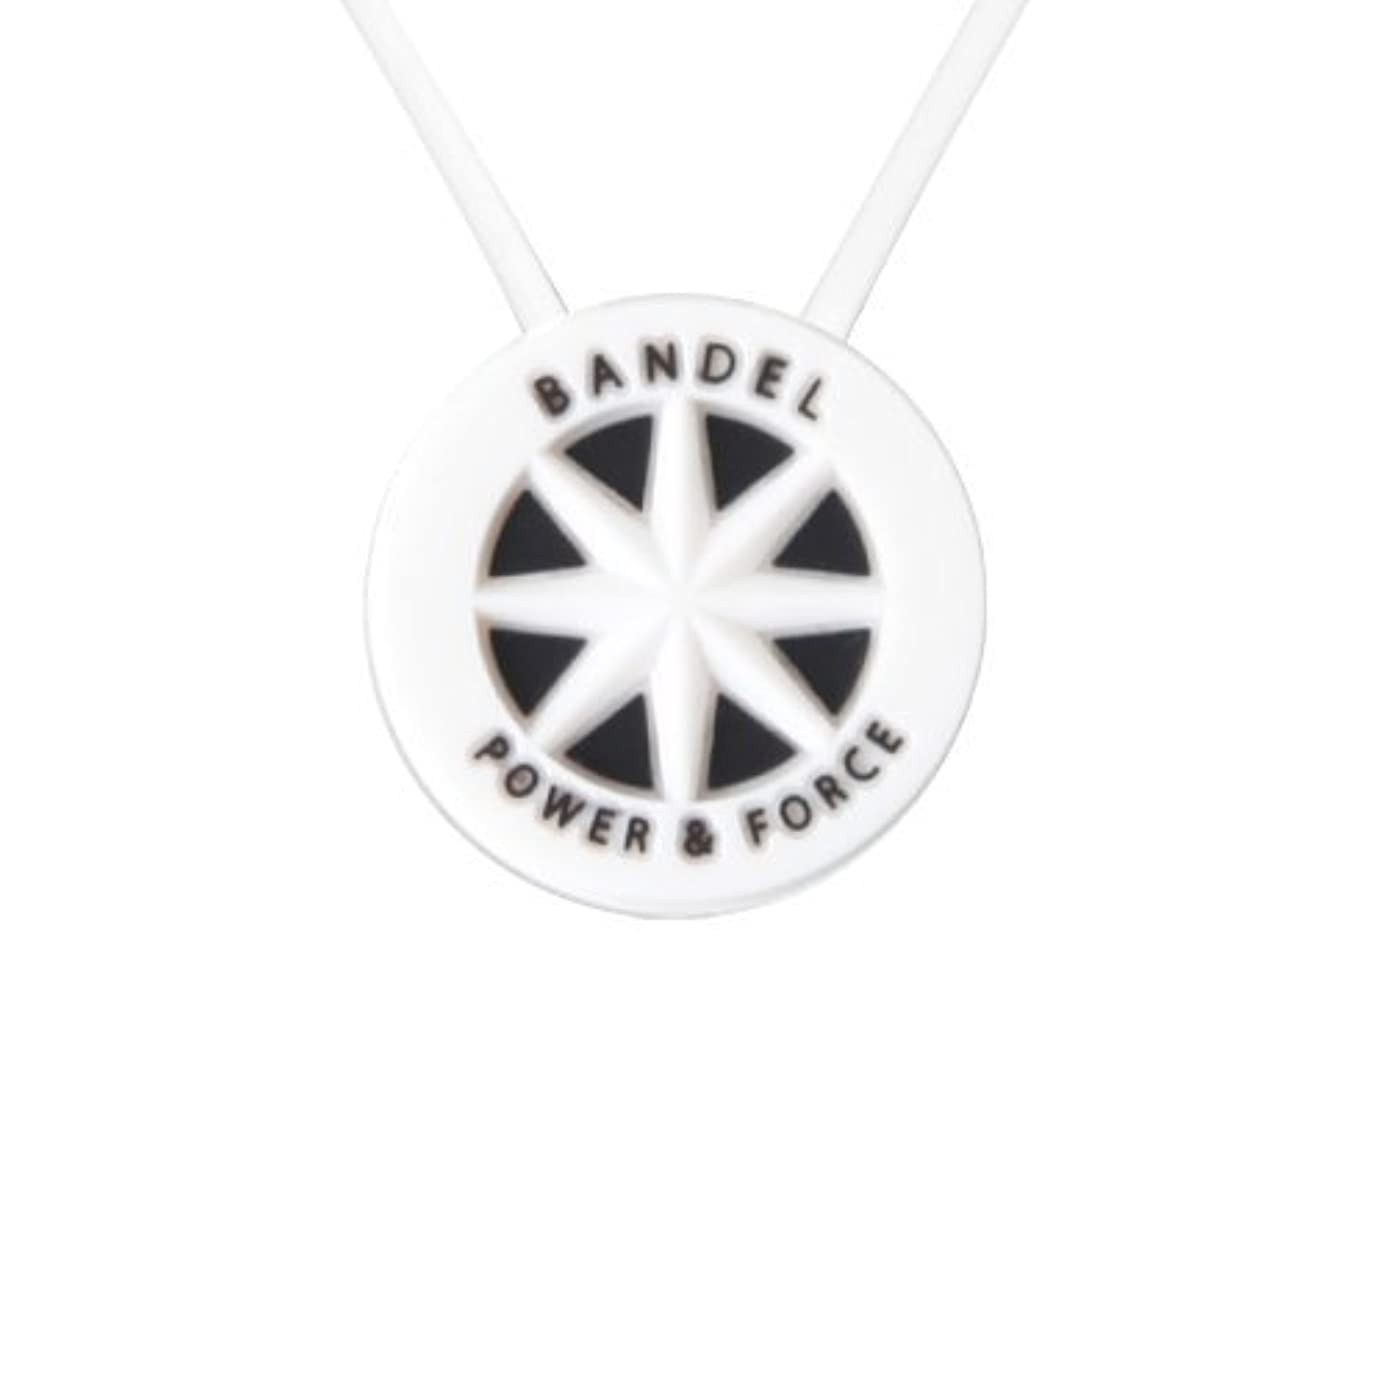 影響突き出すネストバンデル(BANDEL) スタンダード シリコン ネックレス (ホワイト×ブラック)45cm